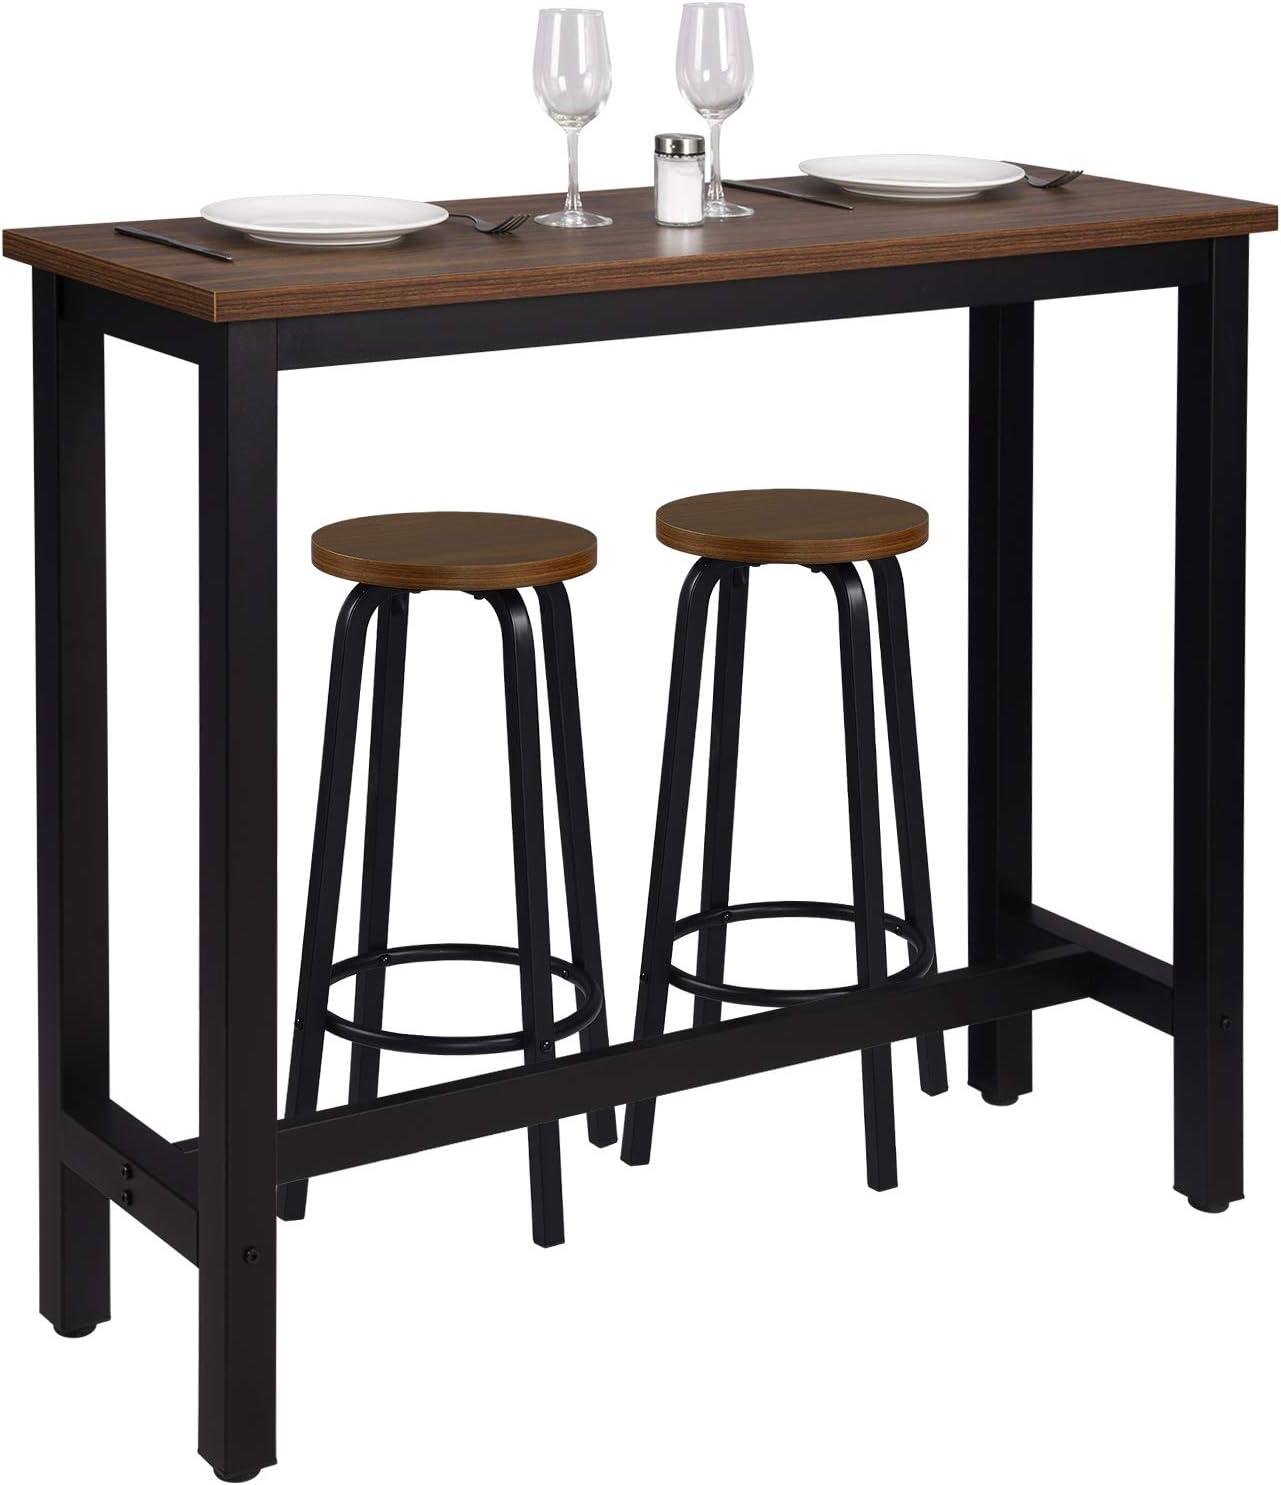 Faggio Scuro BT17dc+BH237dc-2 WOLTU Tavolo da Bar 2 Sgabelli Alti Set Arredo Bancone per Cucina in Acciaio Legno